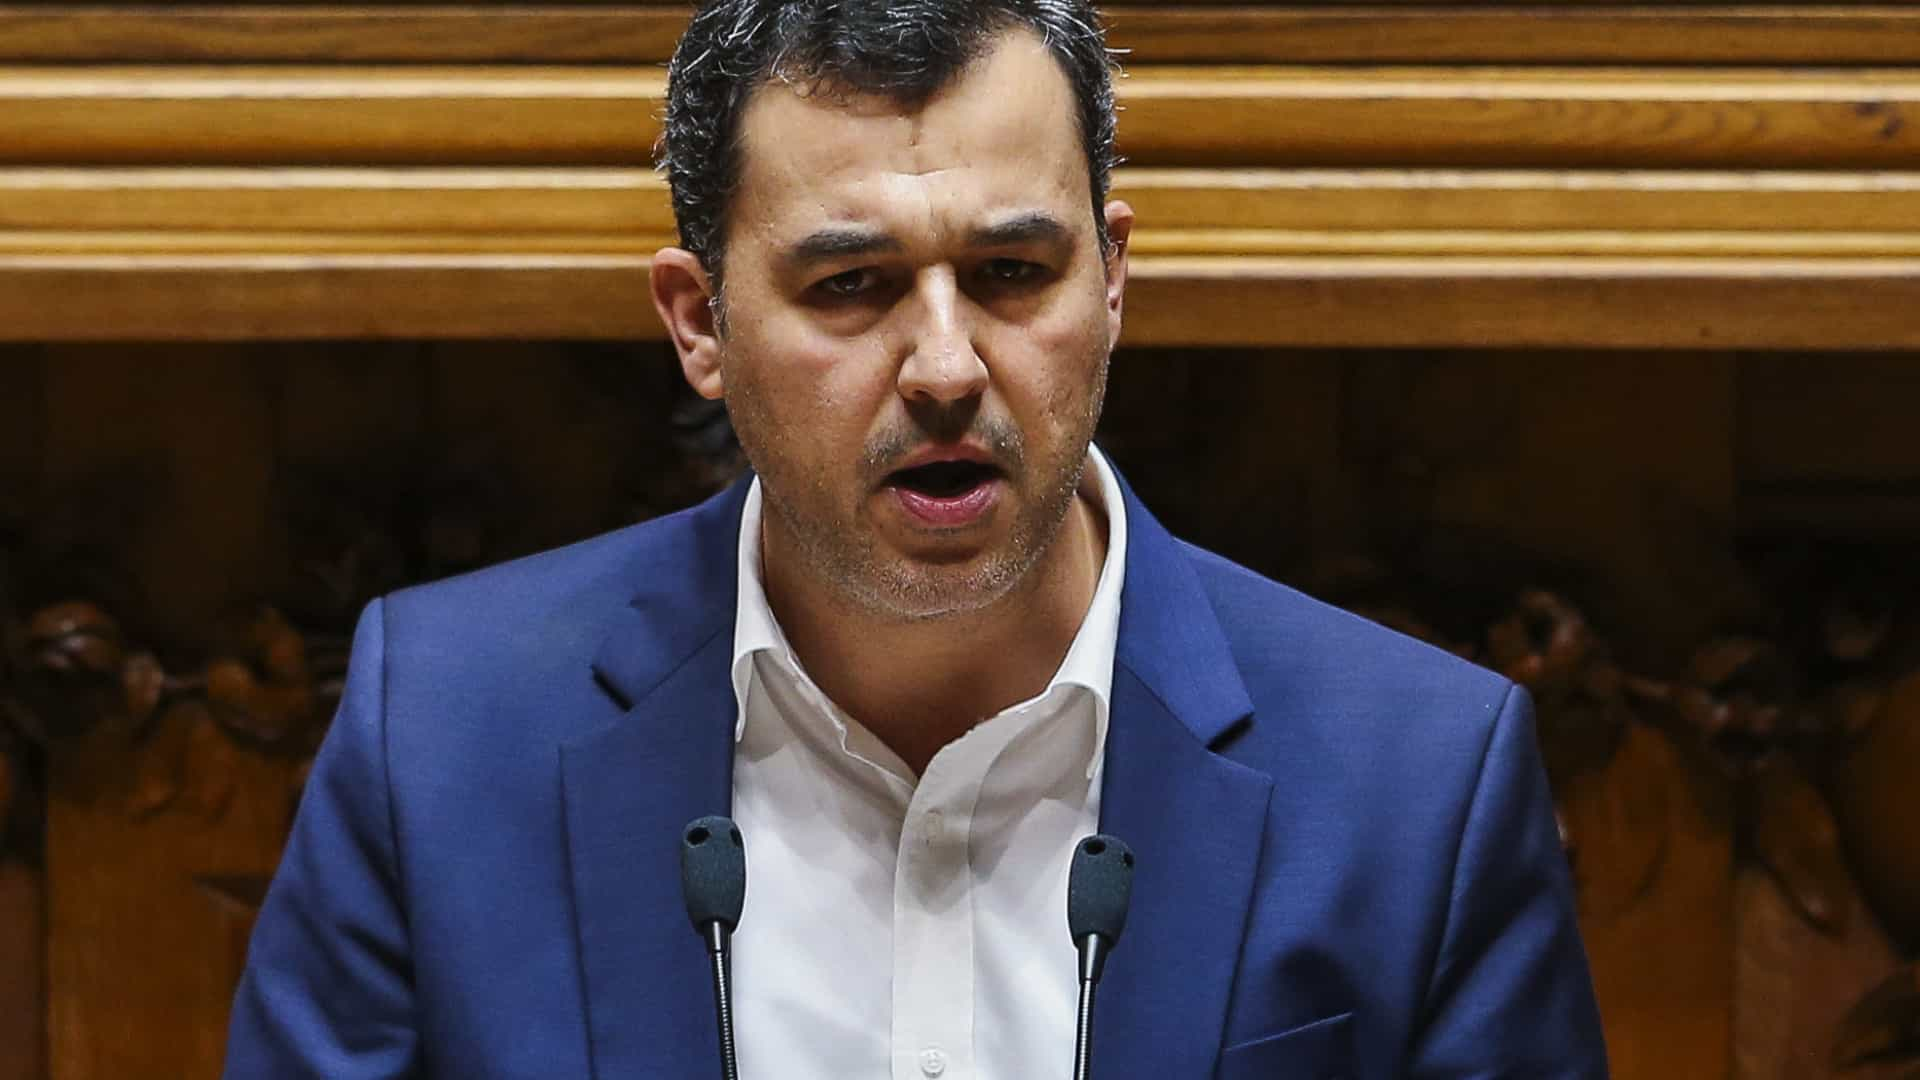 PAN vai continuar a lutar pelo fim da isenção de IVA para tauromáquicos